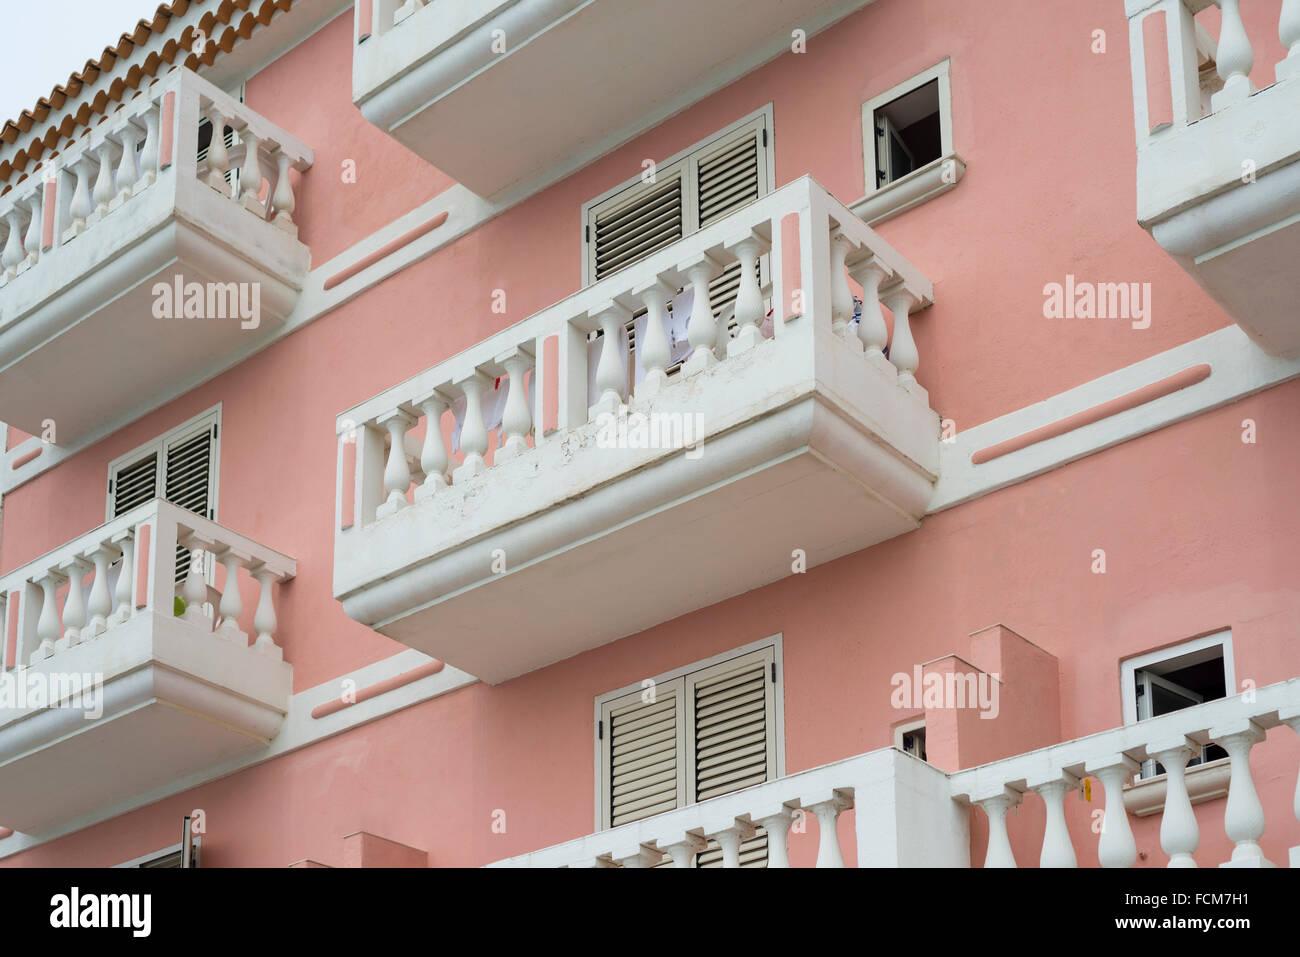 Balcons Blancs Et Des Stores De Couleur Saumon Sur Une Facade D Une